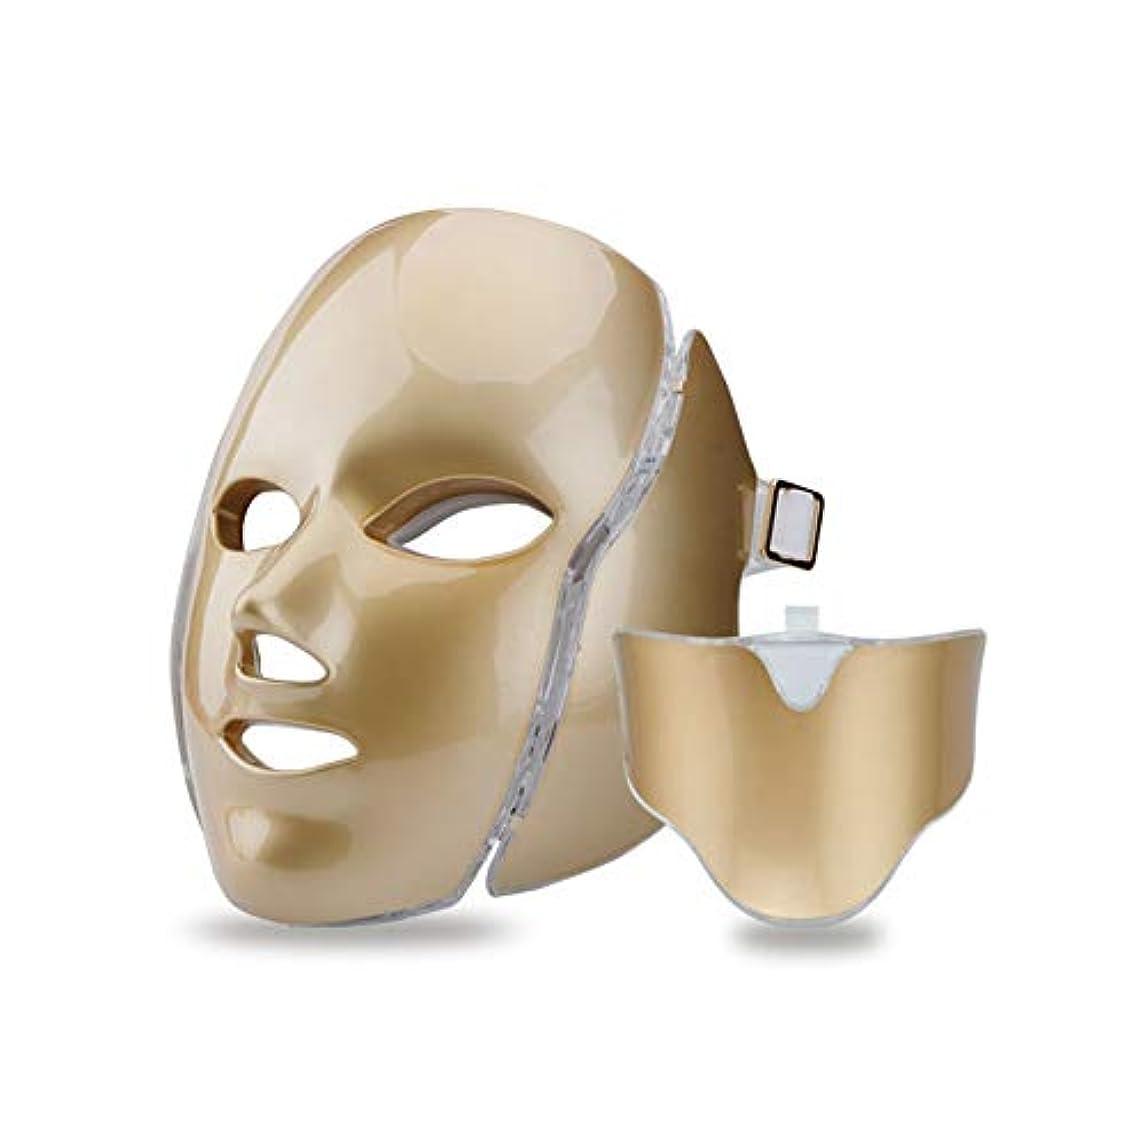 称賛添加ホイール赤色光光子治療機7色ledマスク+首、肌の若返りニキビフェイシャルスパ美容機器,Gold